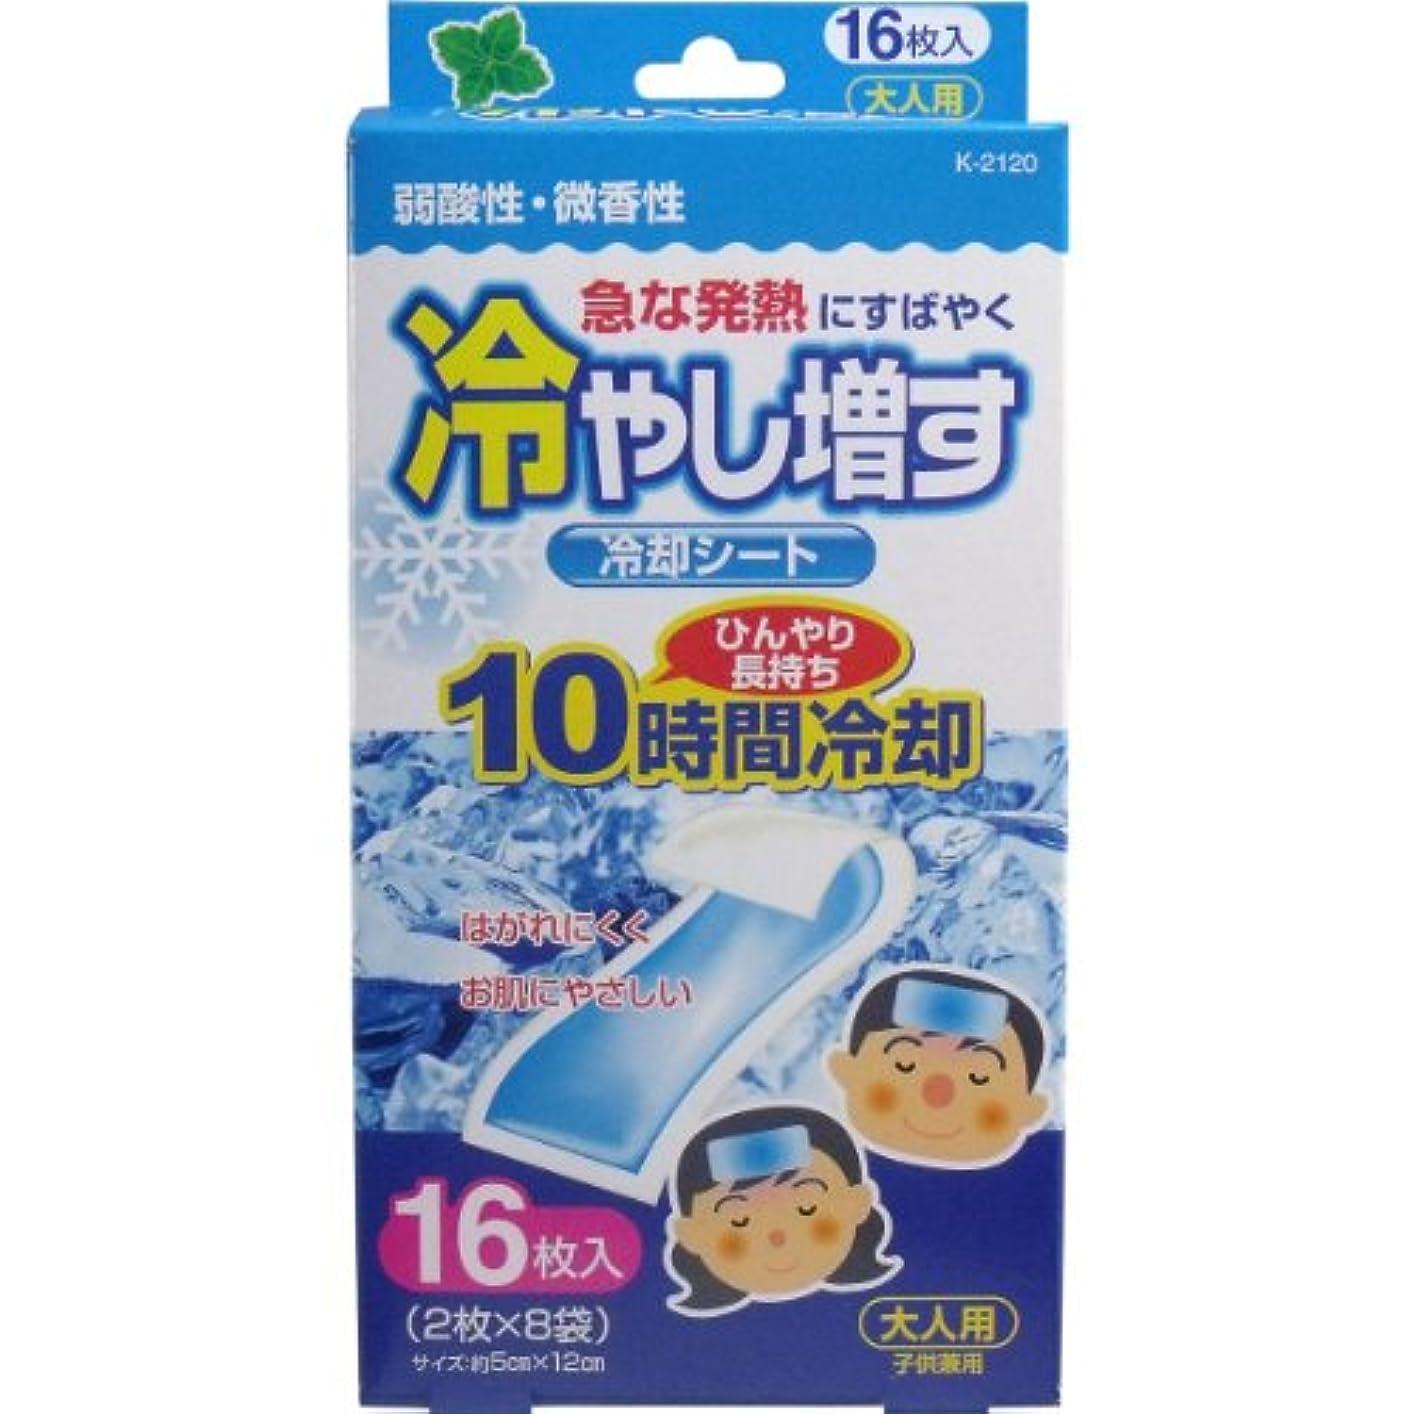 メロディアスクリック倫理冷やし増す 冷却シート 大人用 ミントの香り 16枚入 ×5個セット(管理番号 4971902921204)